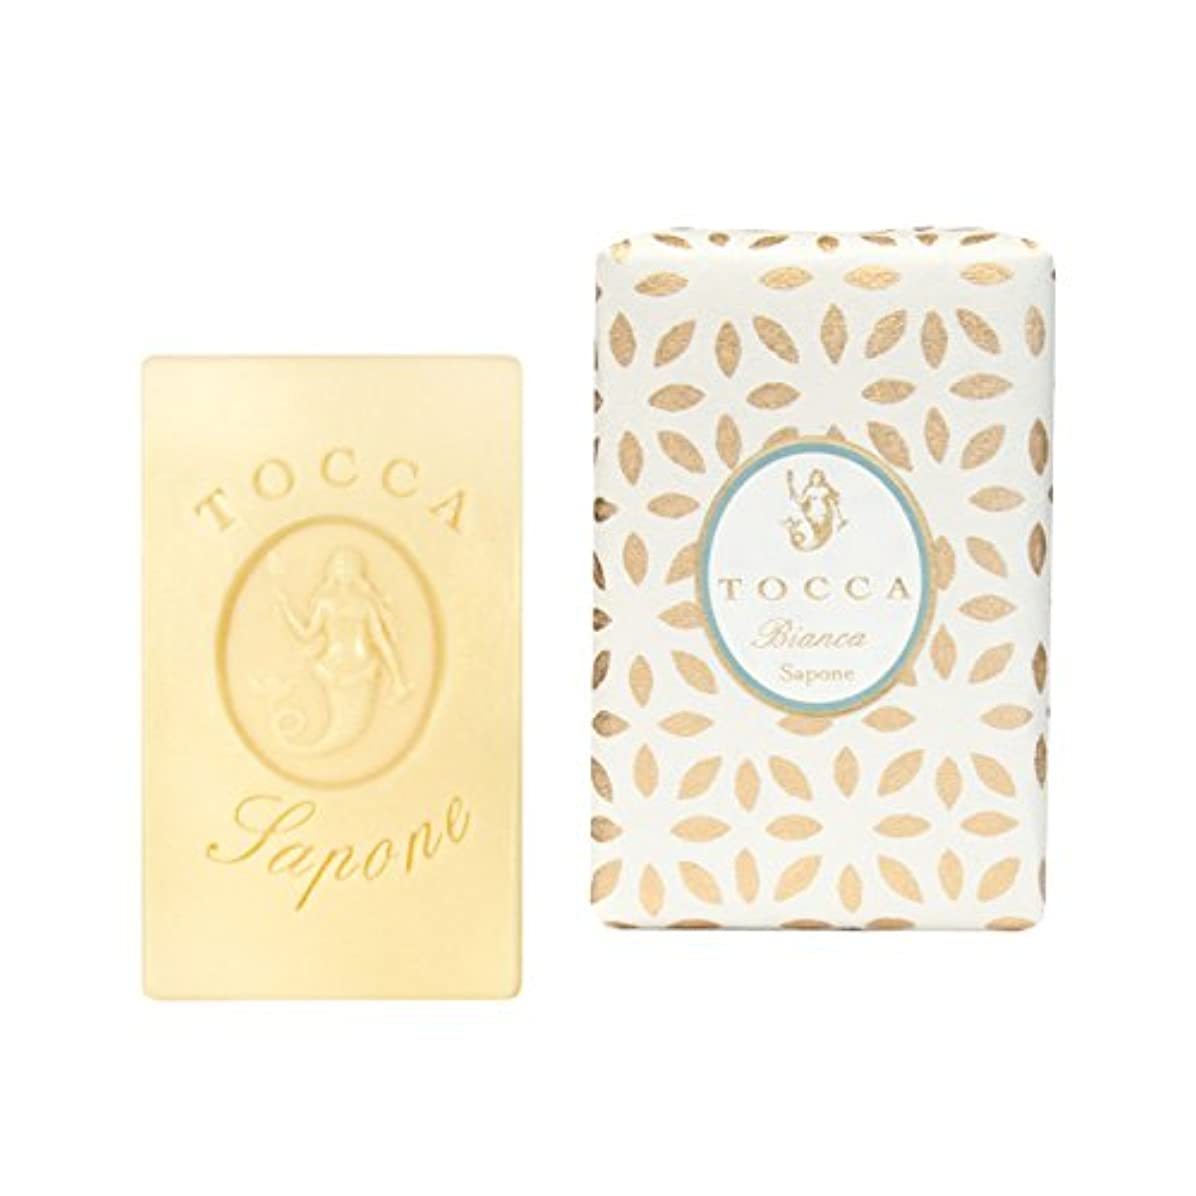 大惨事アリ形トッカ(TOCCA) ソープバー ビアンカの香り 113g(化粧石けん シトラスとグリーンティー、ローズが絶妙に溶け合ったほのかに甘さ漂うフレッシュな香り)